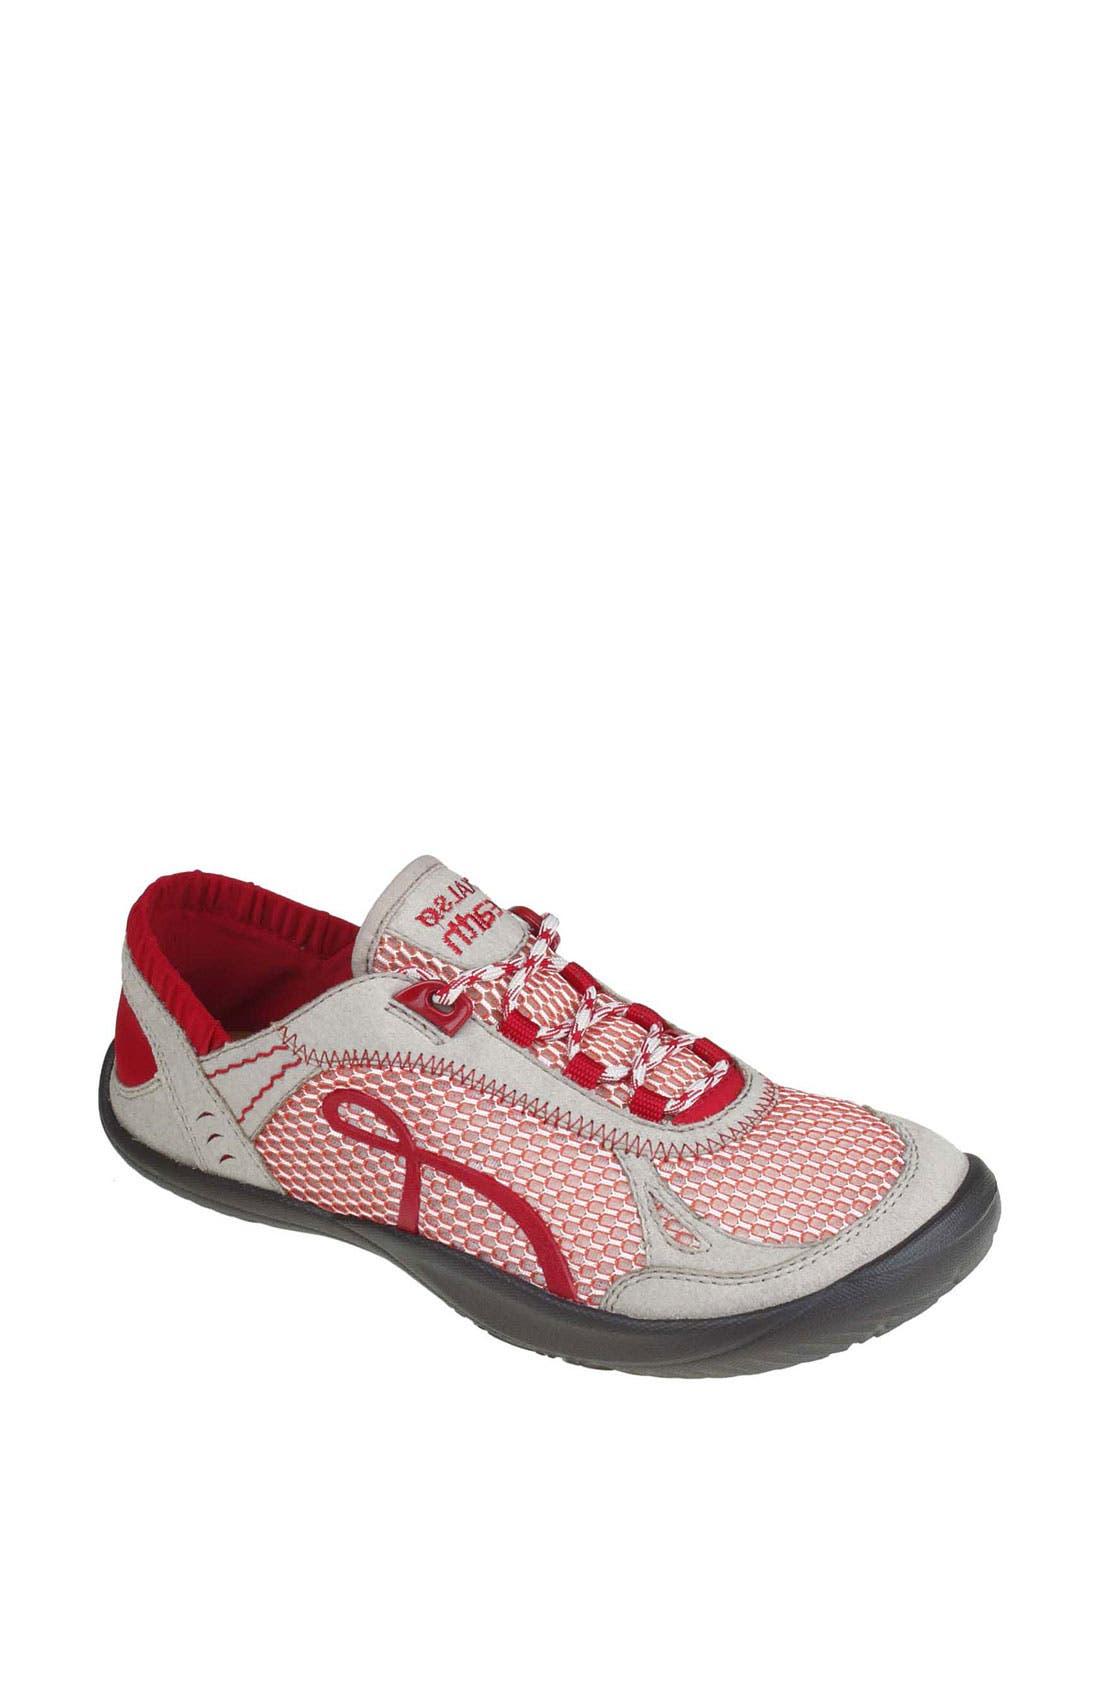 Alternate Image 1 Selected - Kalso Earth® 'Prosper' Sneaker